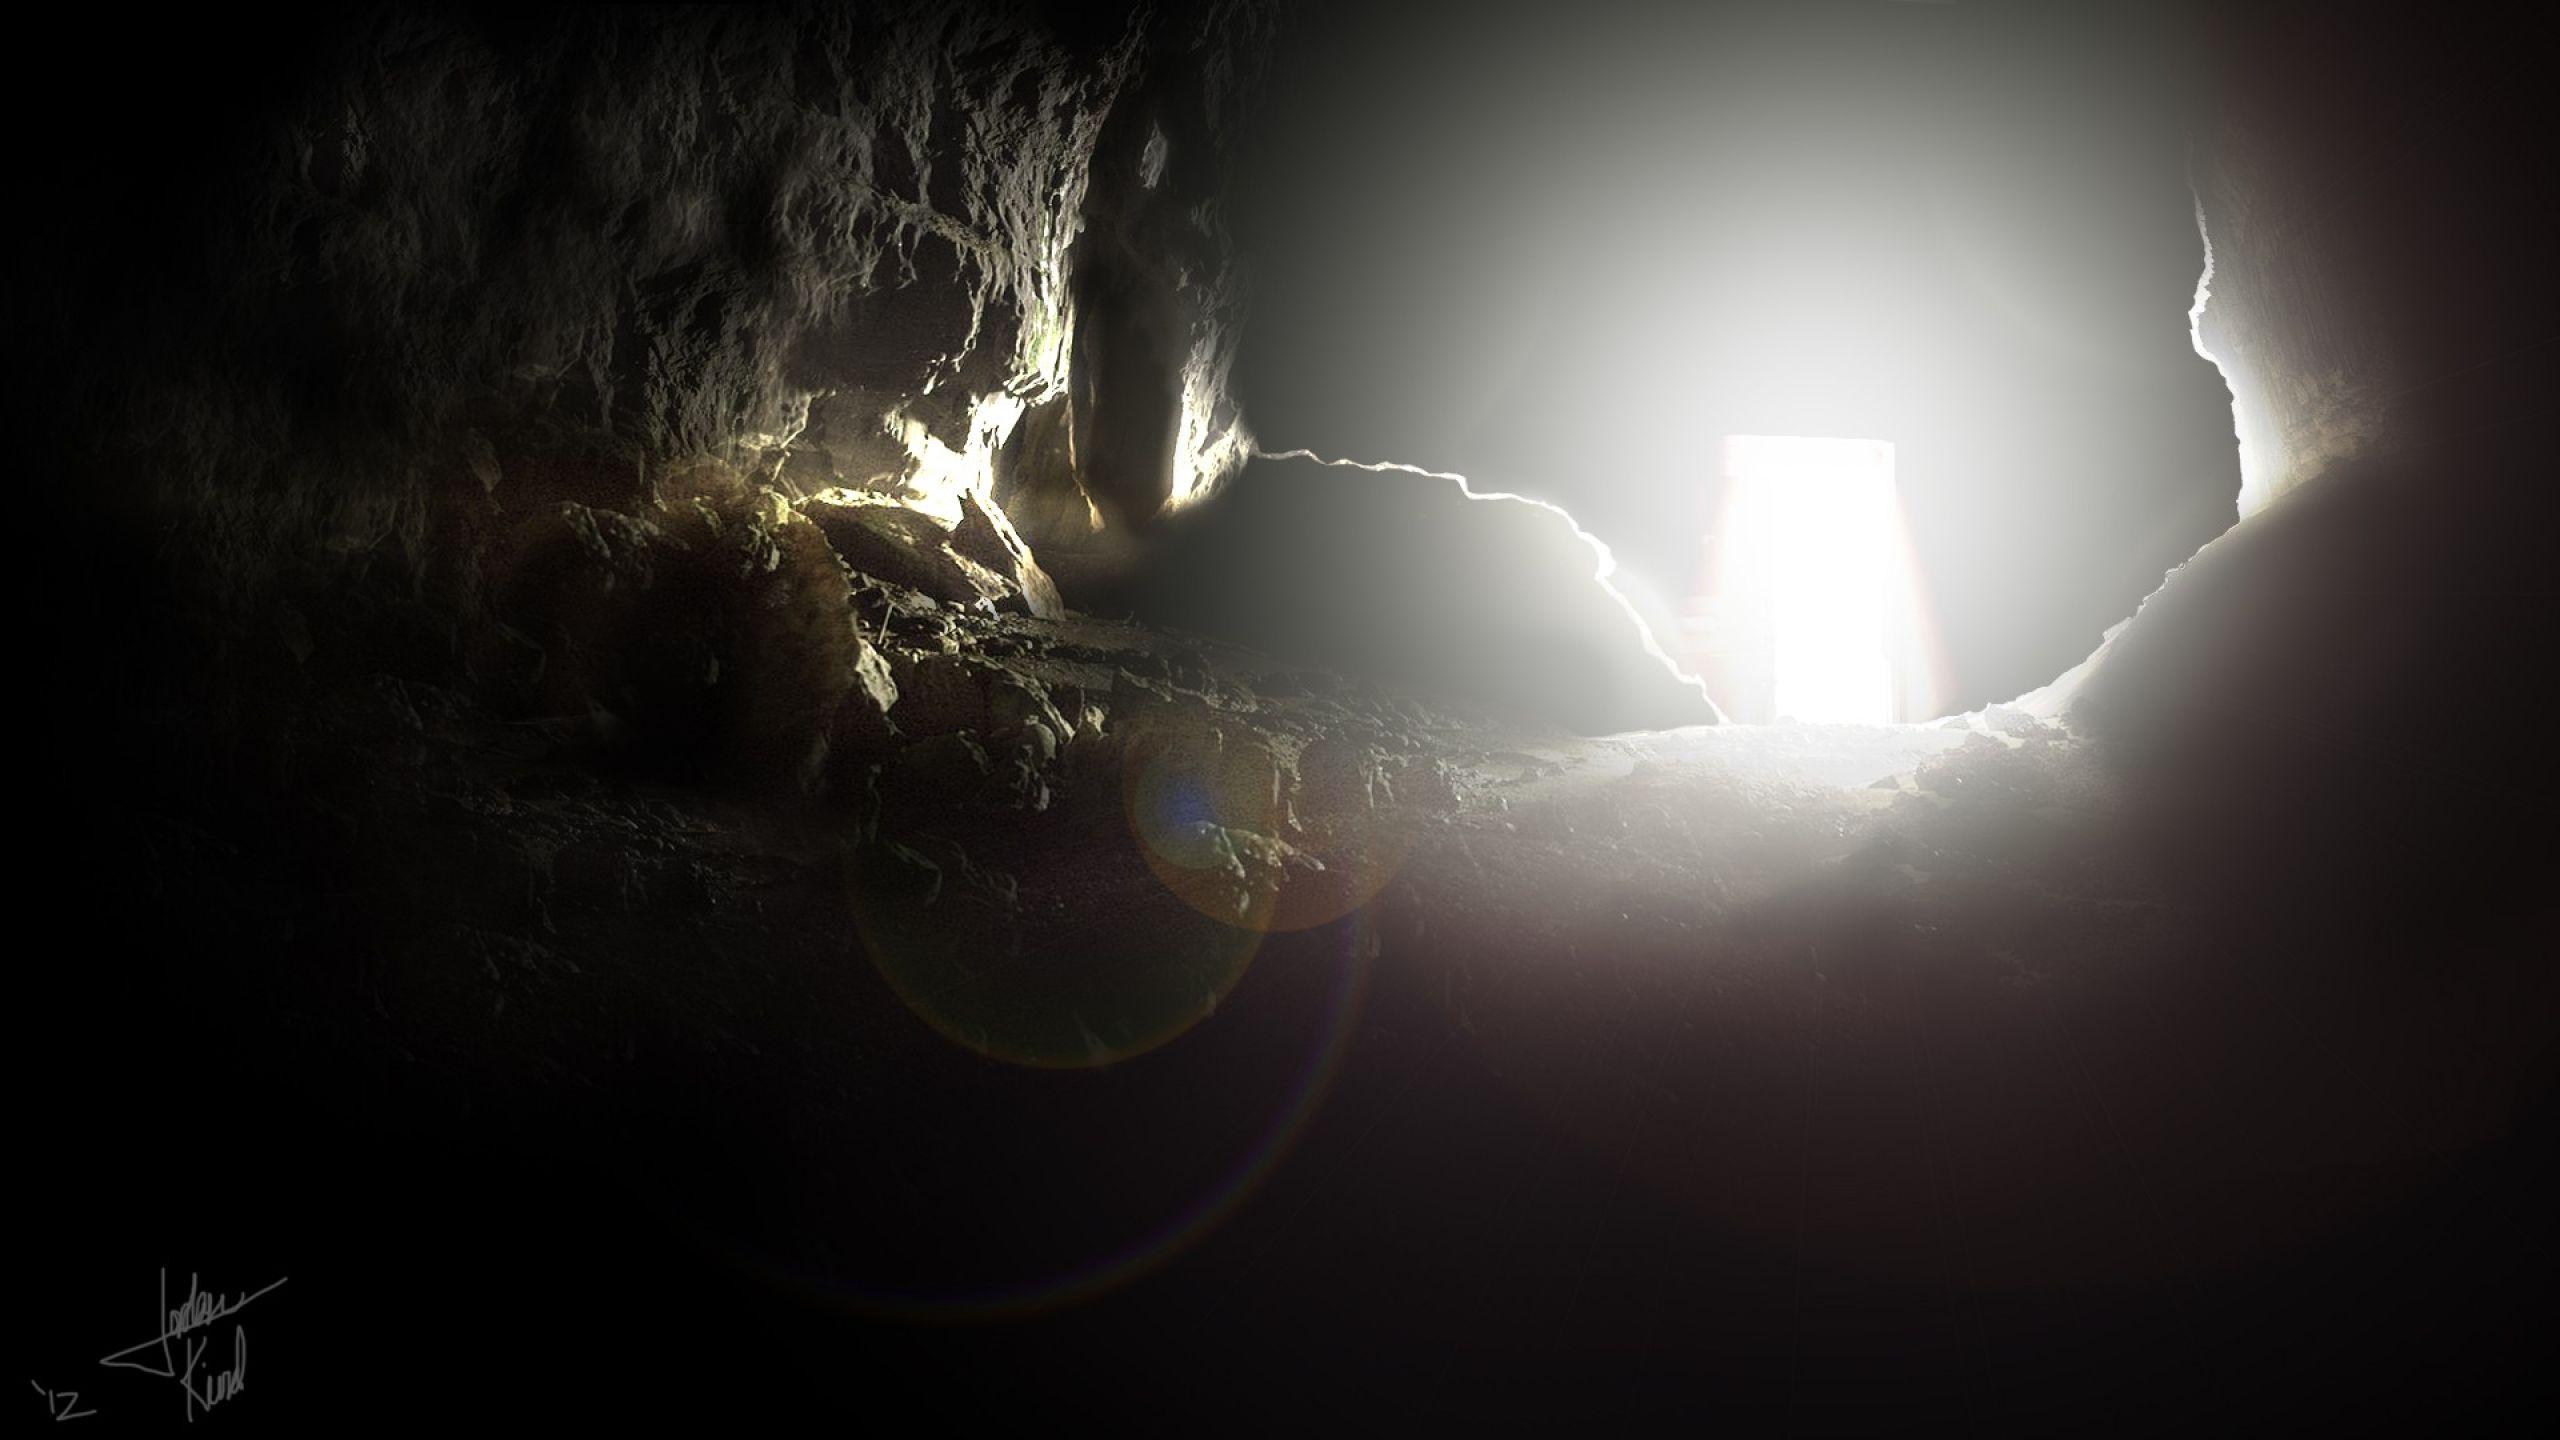 light cave hd wallpaper Light Cave HD Wallpapers 1920x1080px 51938 2560x1440